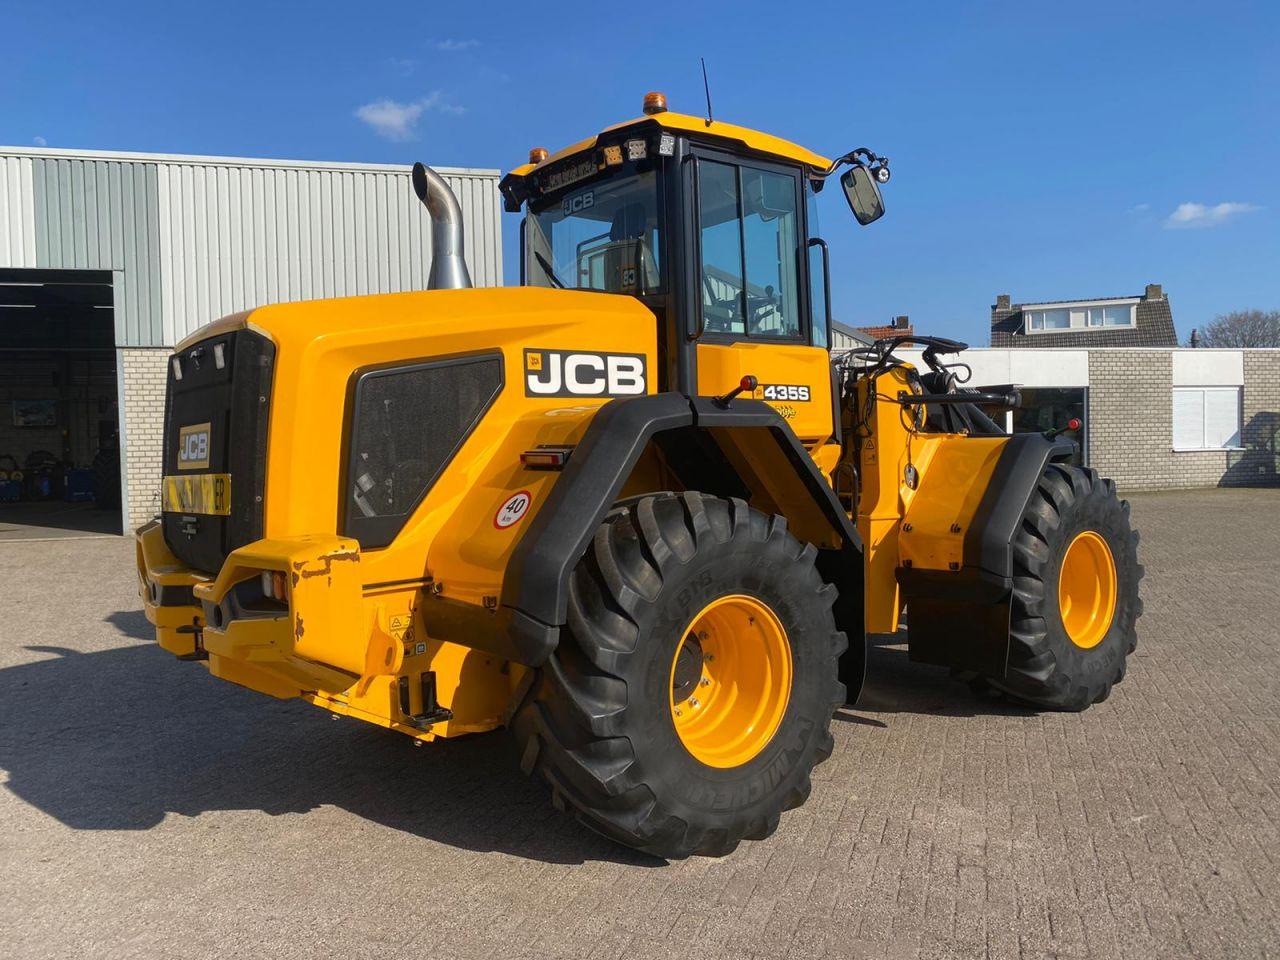 JCB 435S Agri shovel